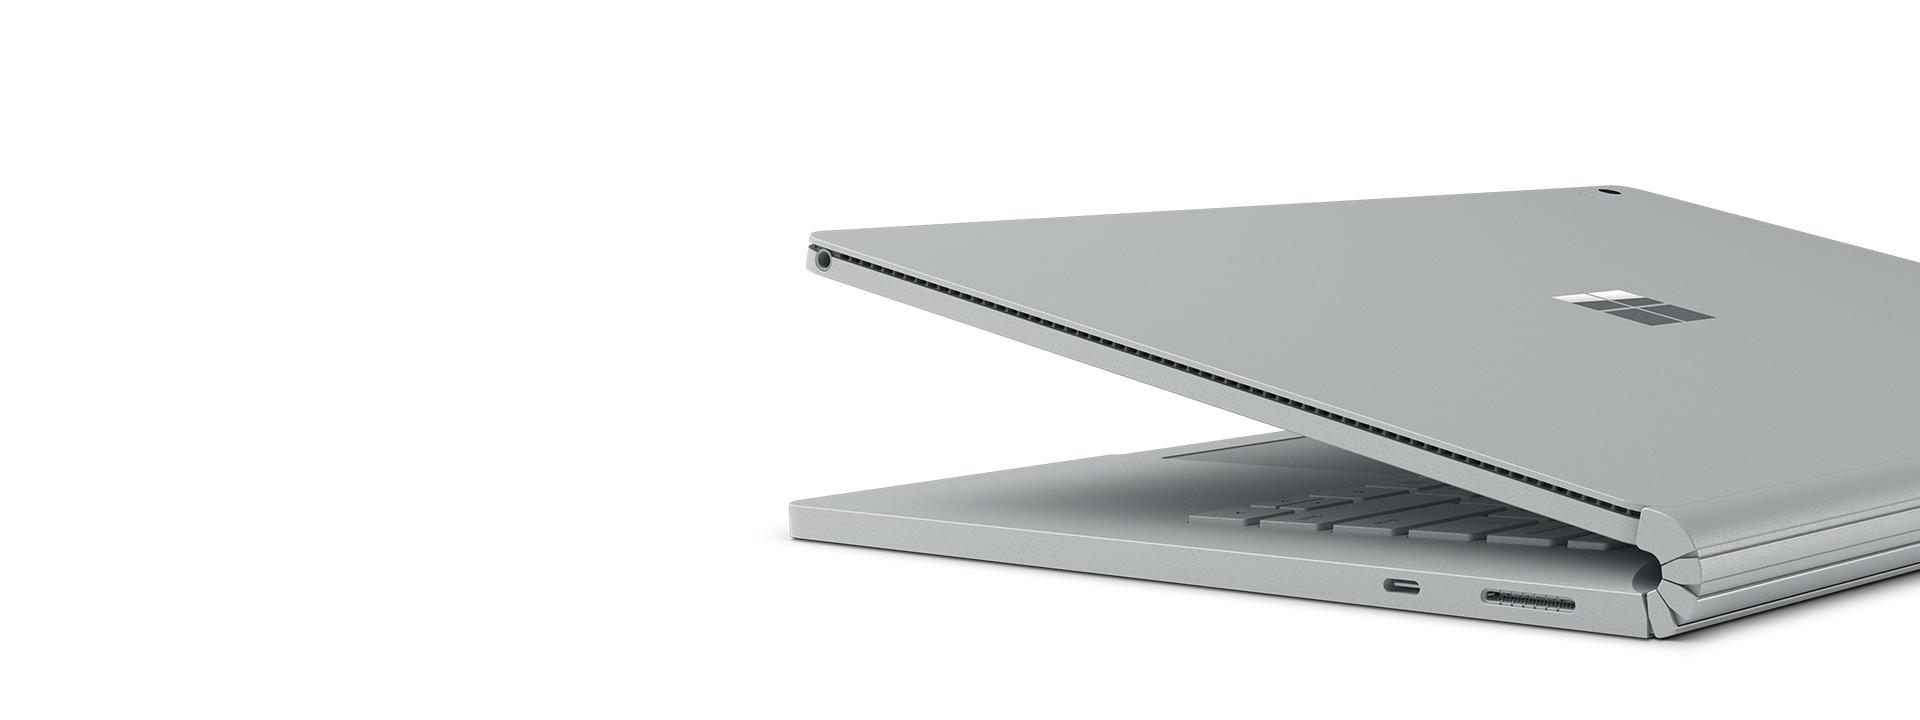 展示 USB-C 端口的 Surface Book 2